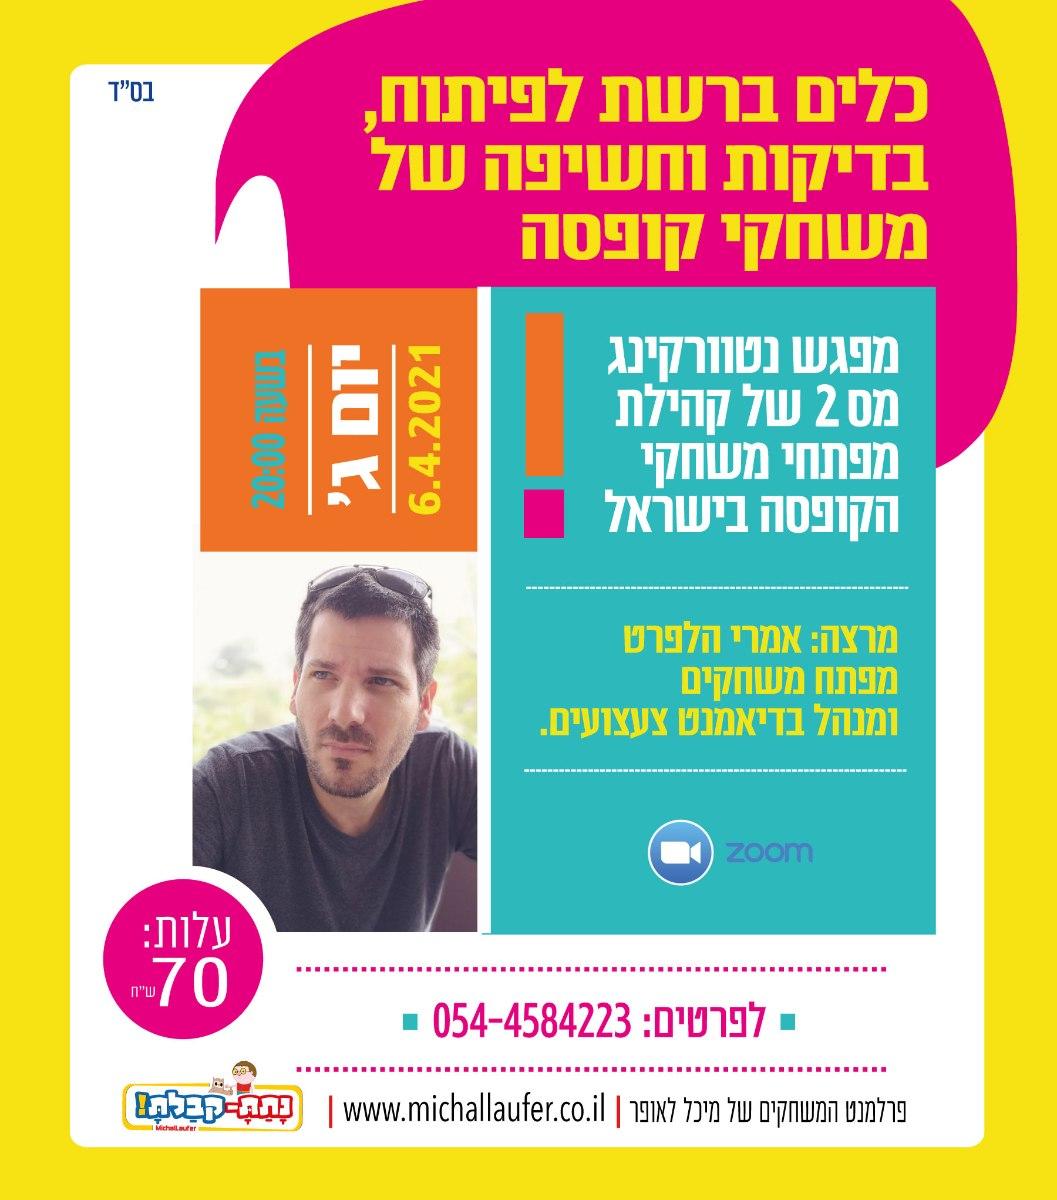 מפגש מס 2 של קבוצת הנטוורקינג של יוצרי משחקי הקופסה בישראל - פרלמנט המשחקים של מיכל לאופר-נתת-קבלת!